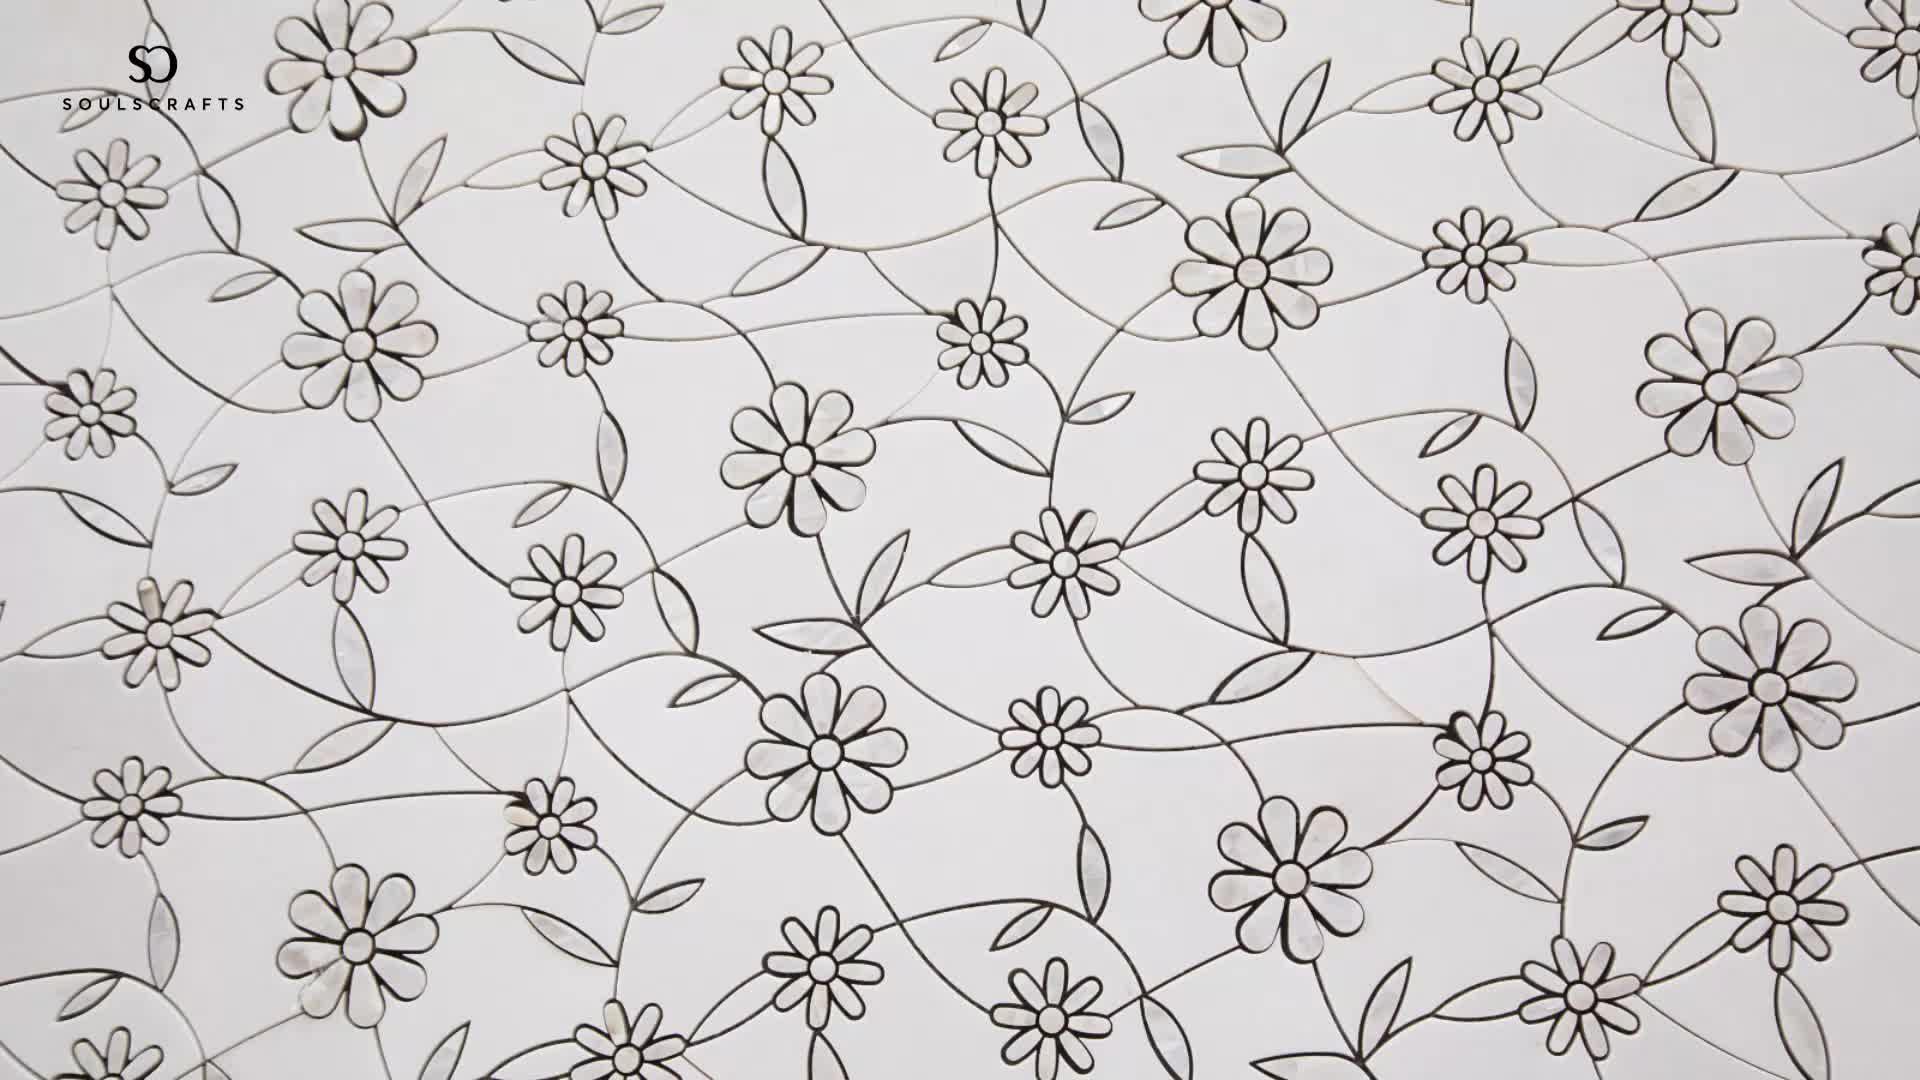 Marmor Mixed Shell Wasserstrahl Mosaik Fliesen Thassos Weiß Mit Mutter von Perle Mosaik